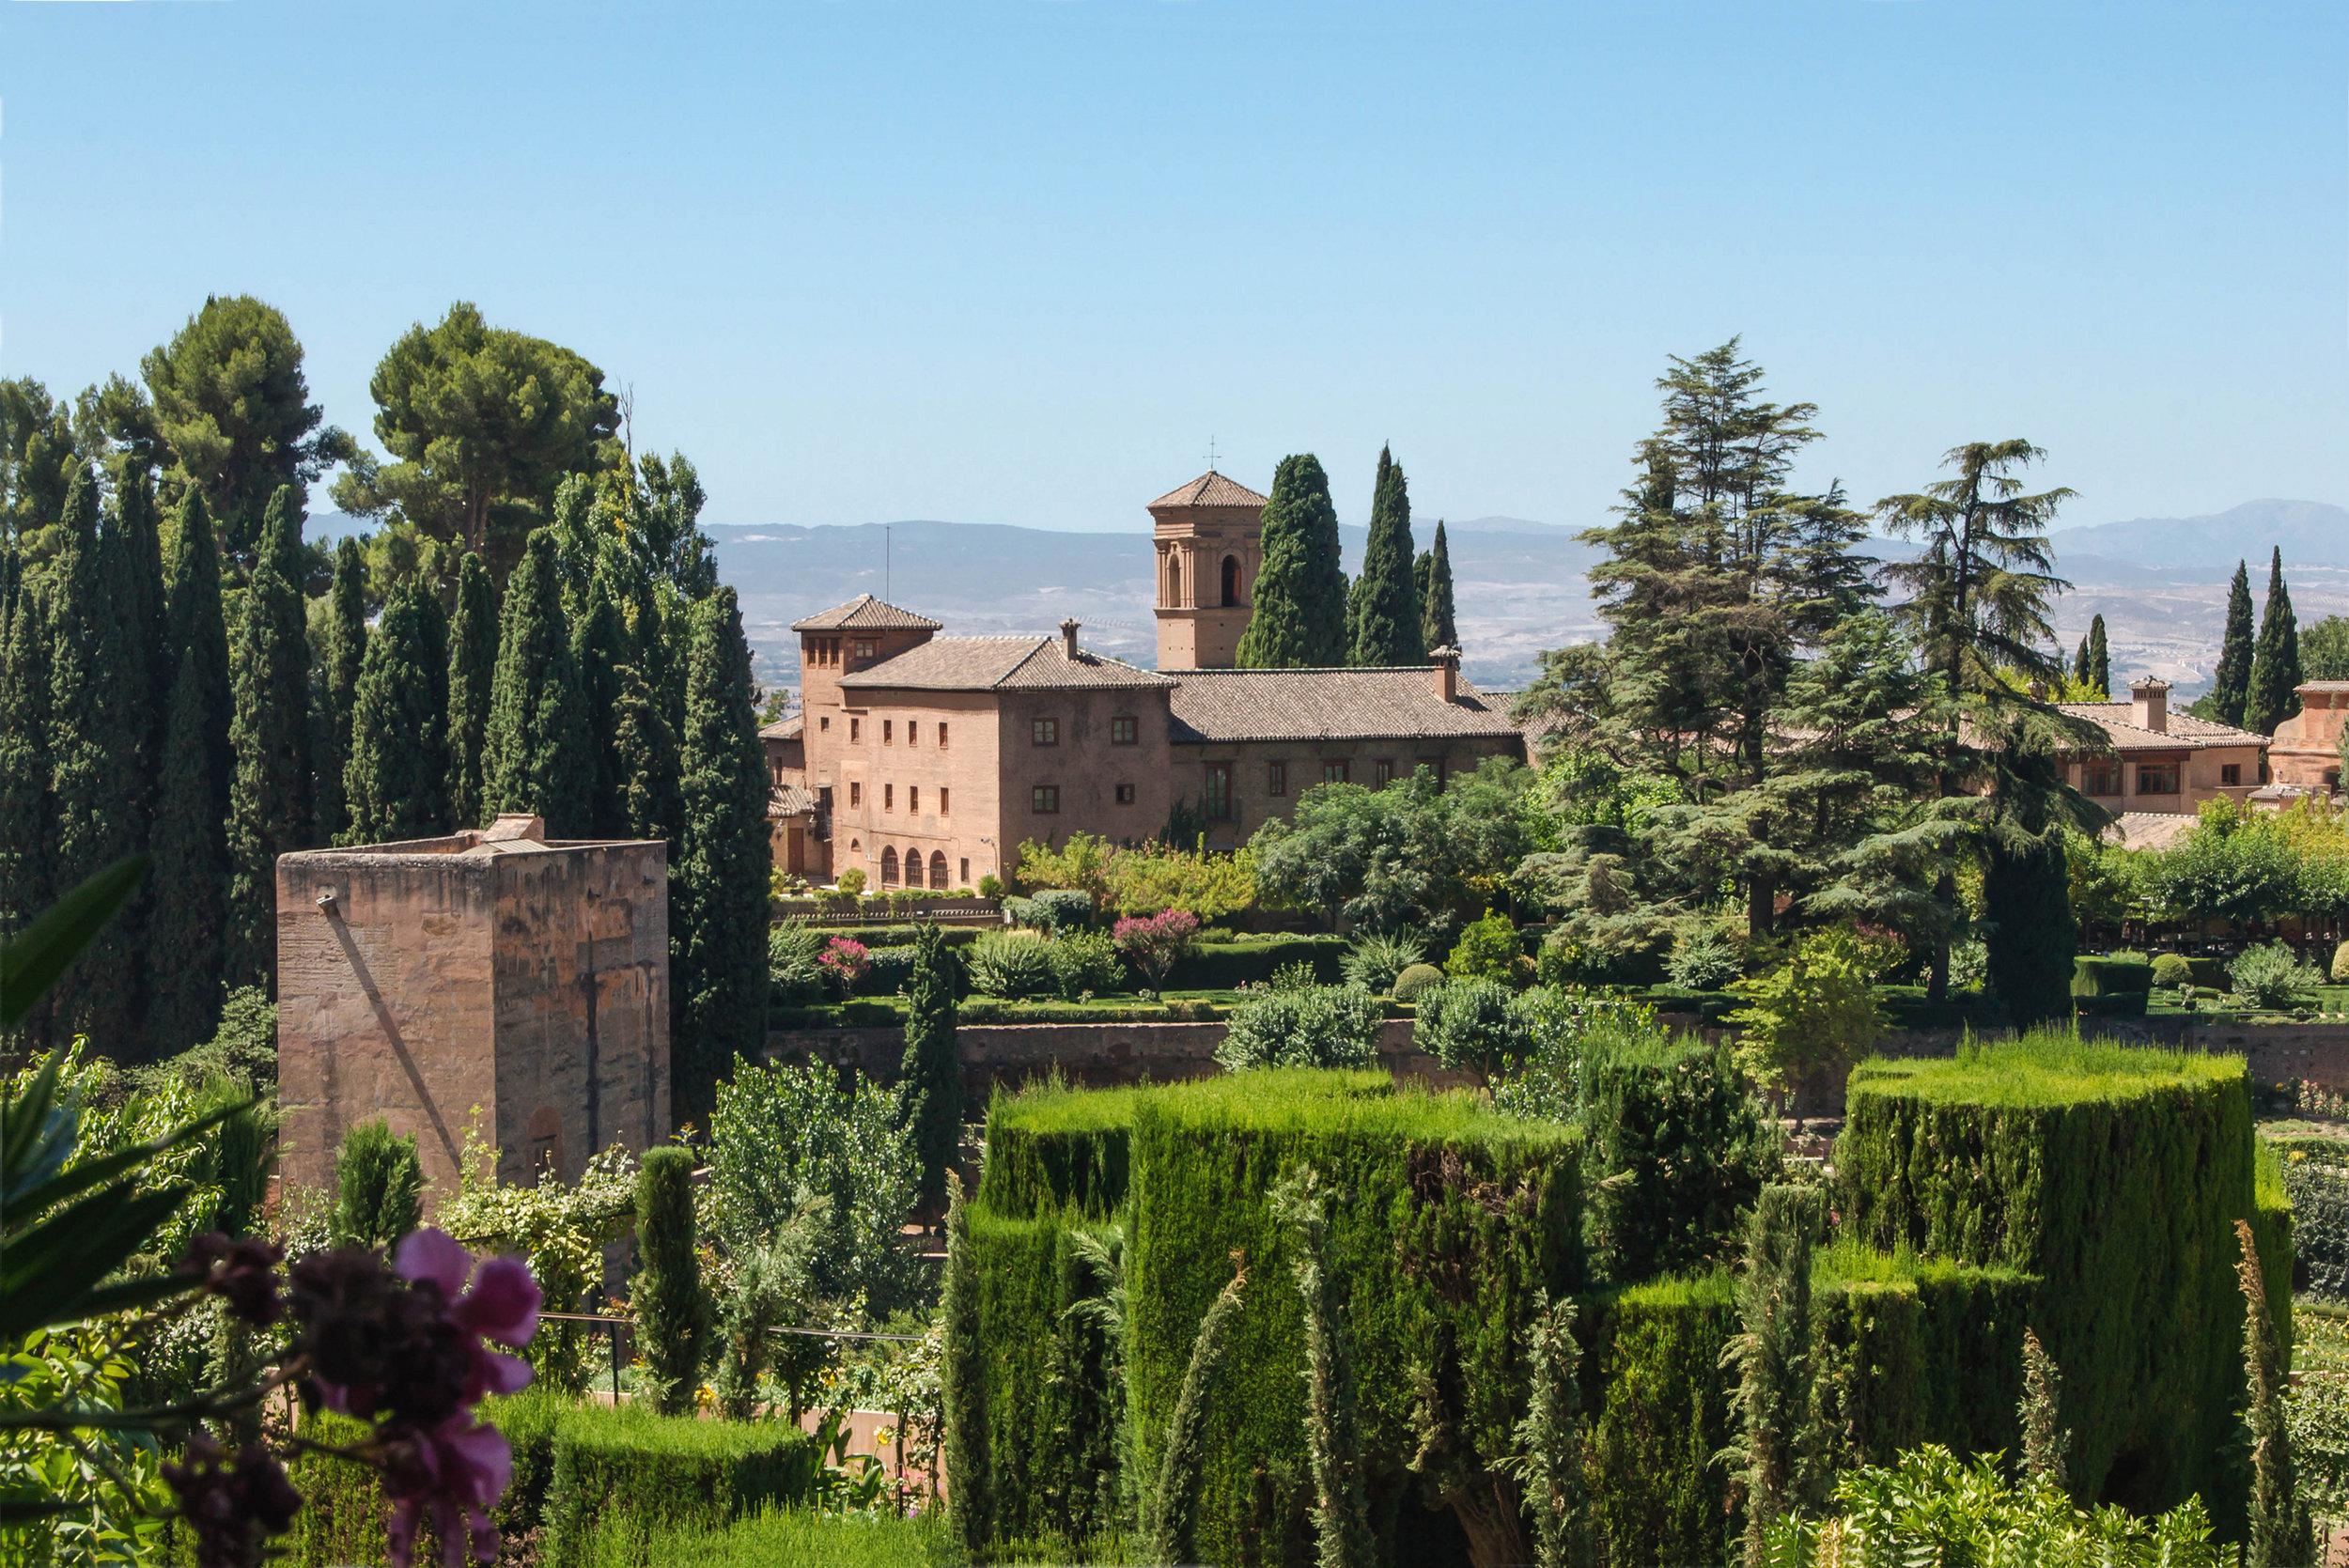 Parador_Alhambra_Granada_Spain.jpg